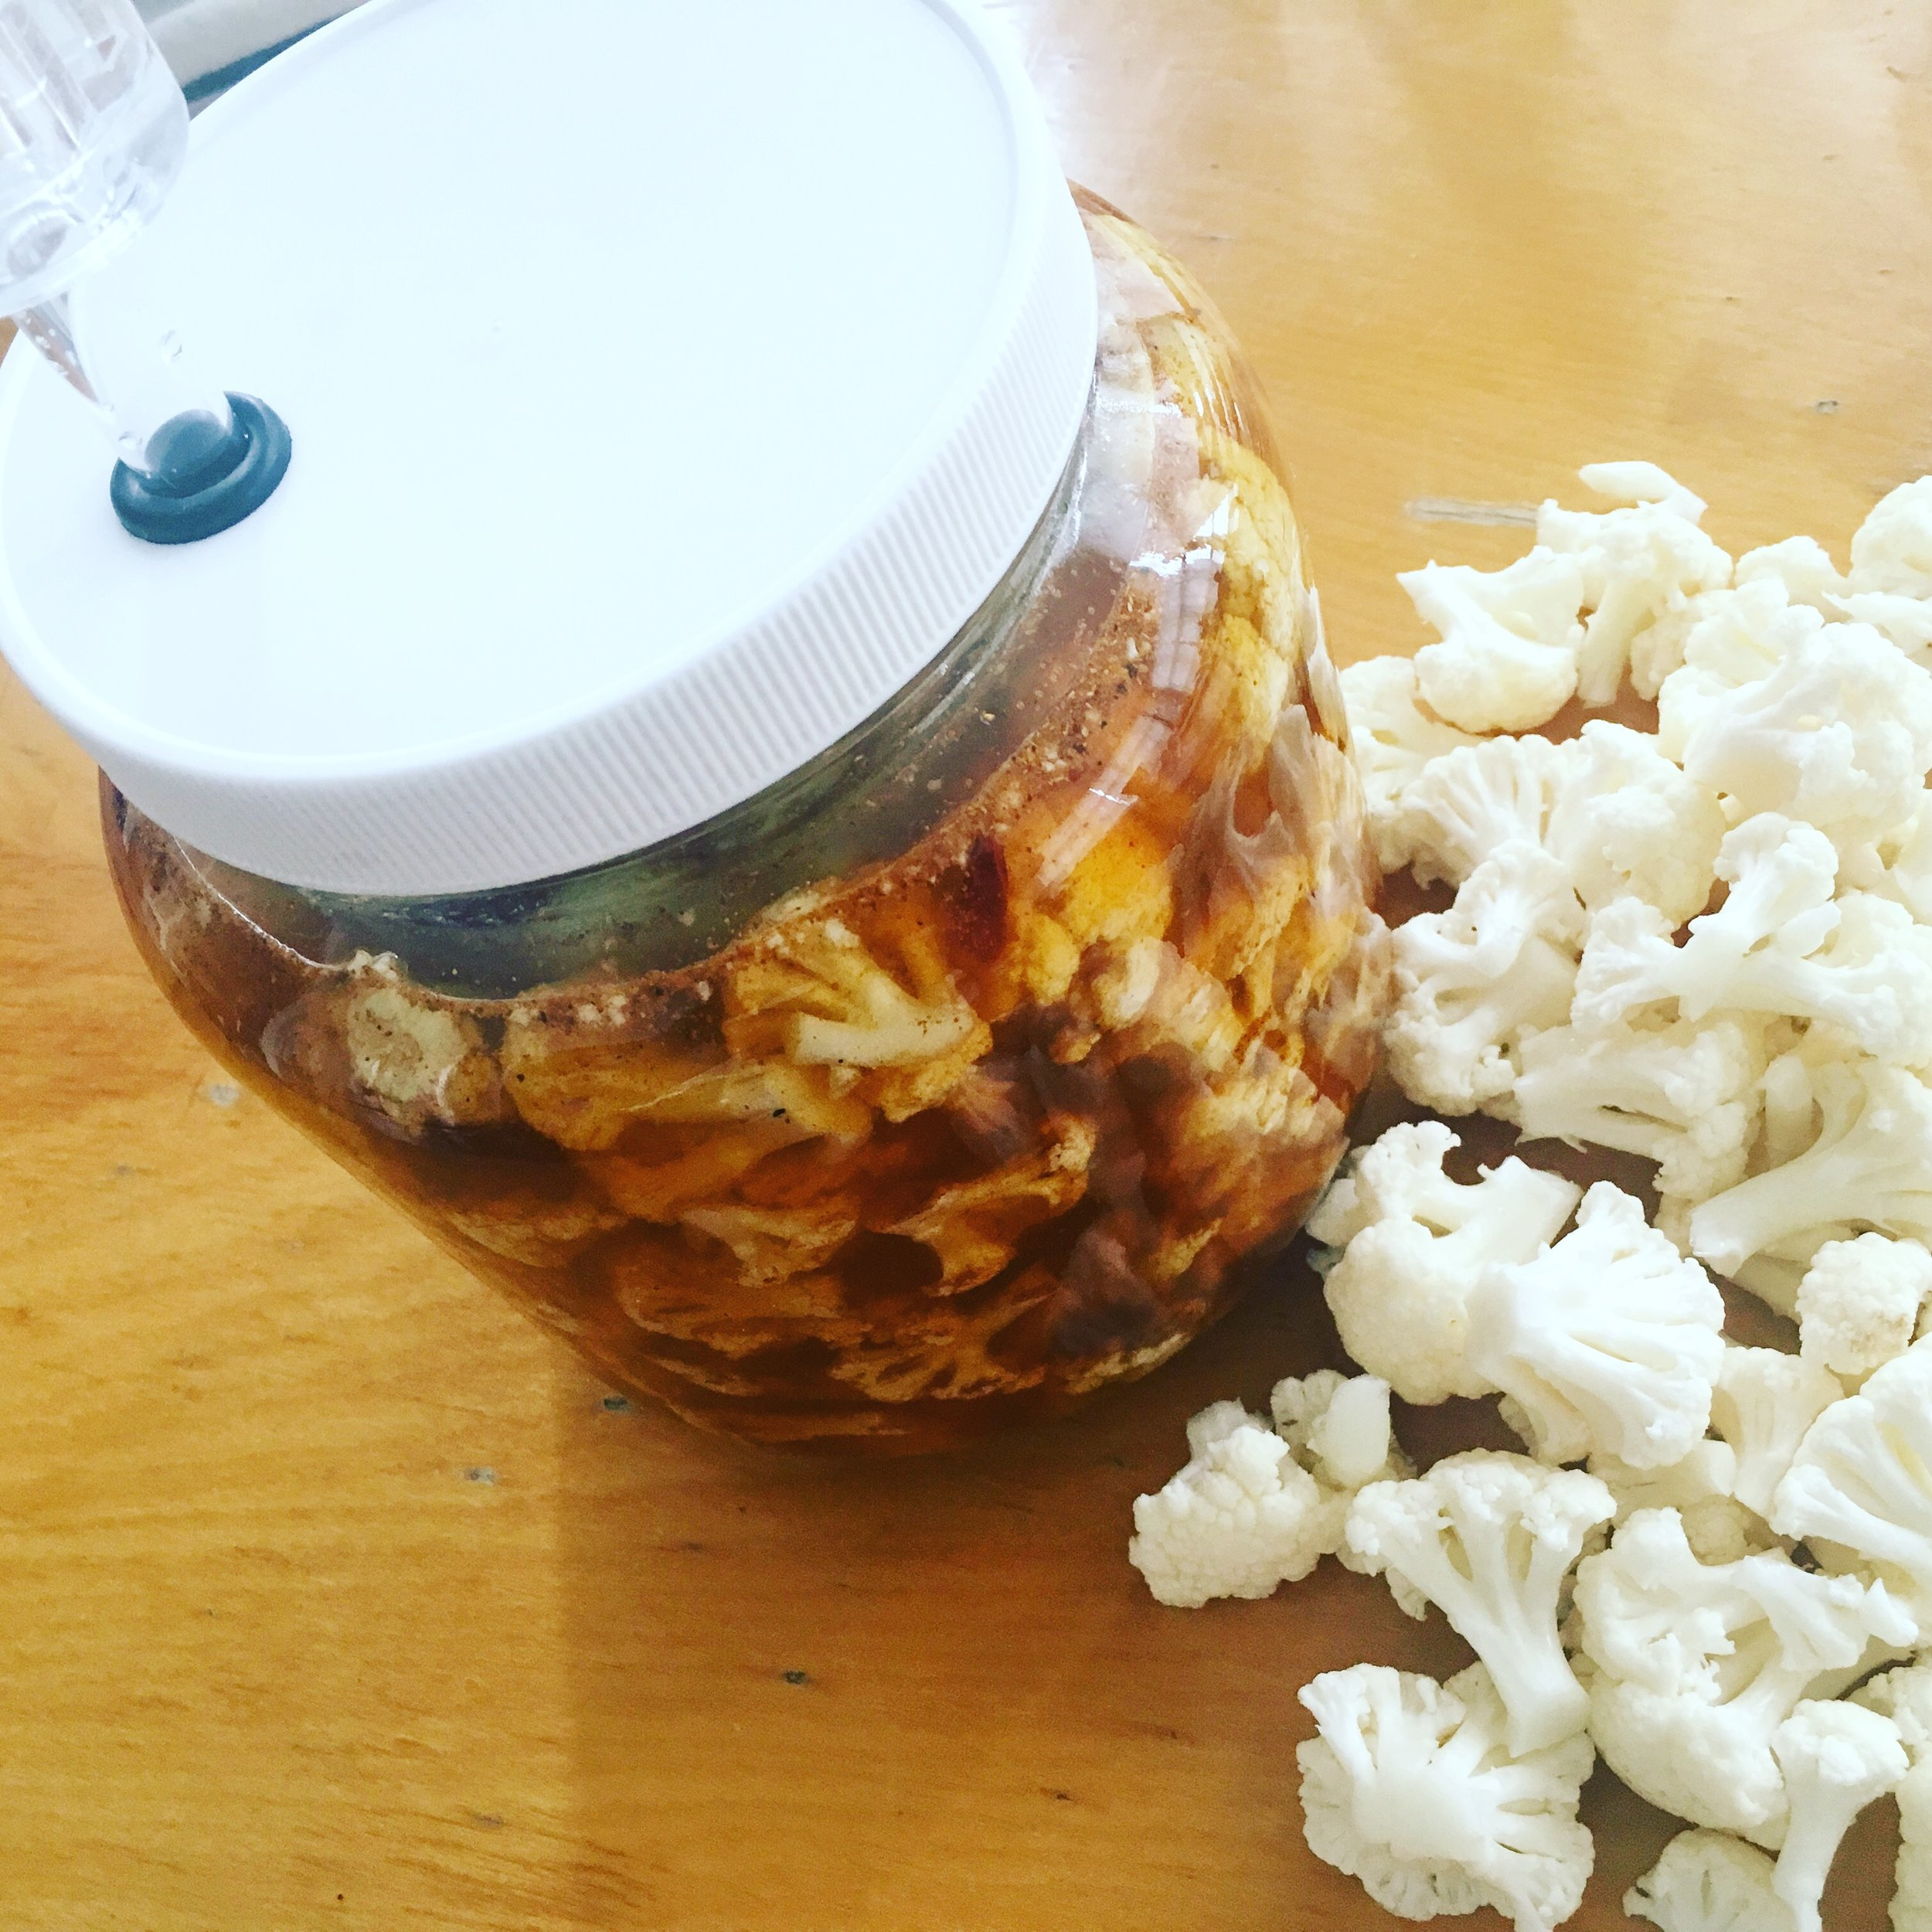 Cauliflower Fermenting in Jar